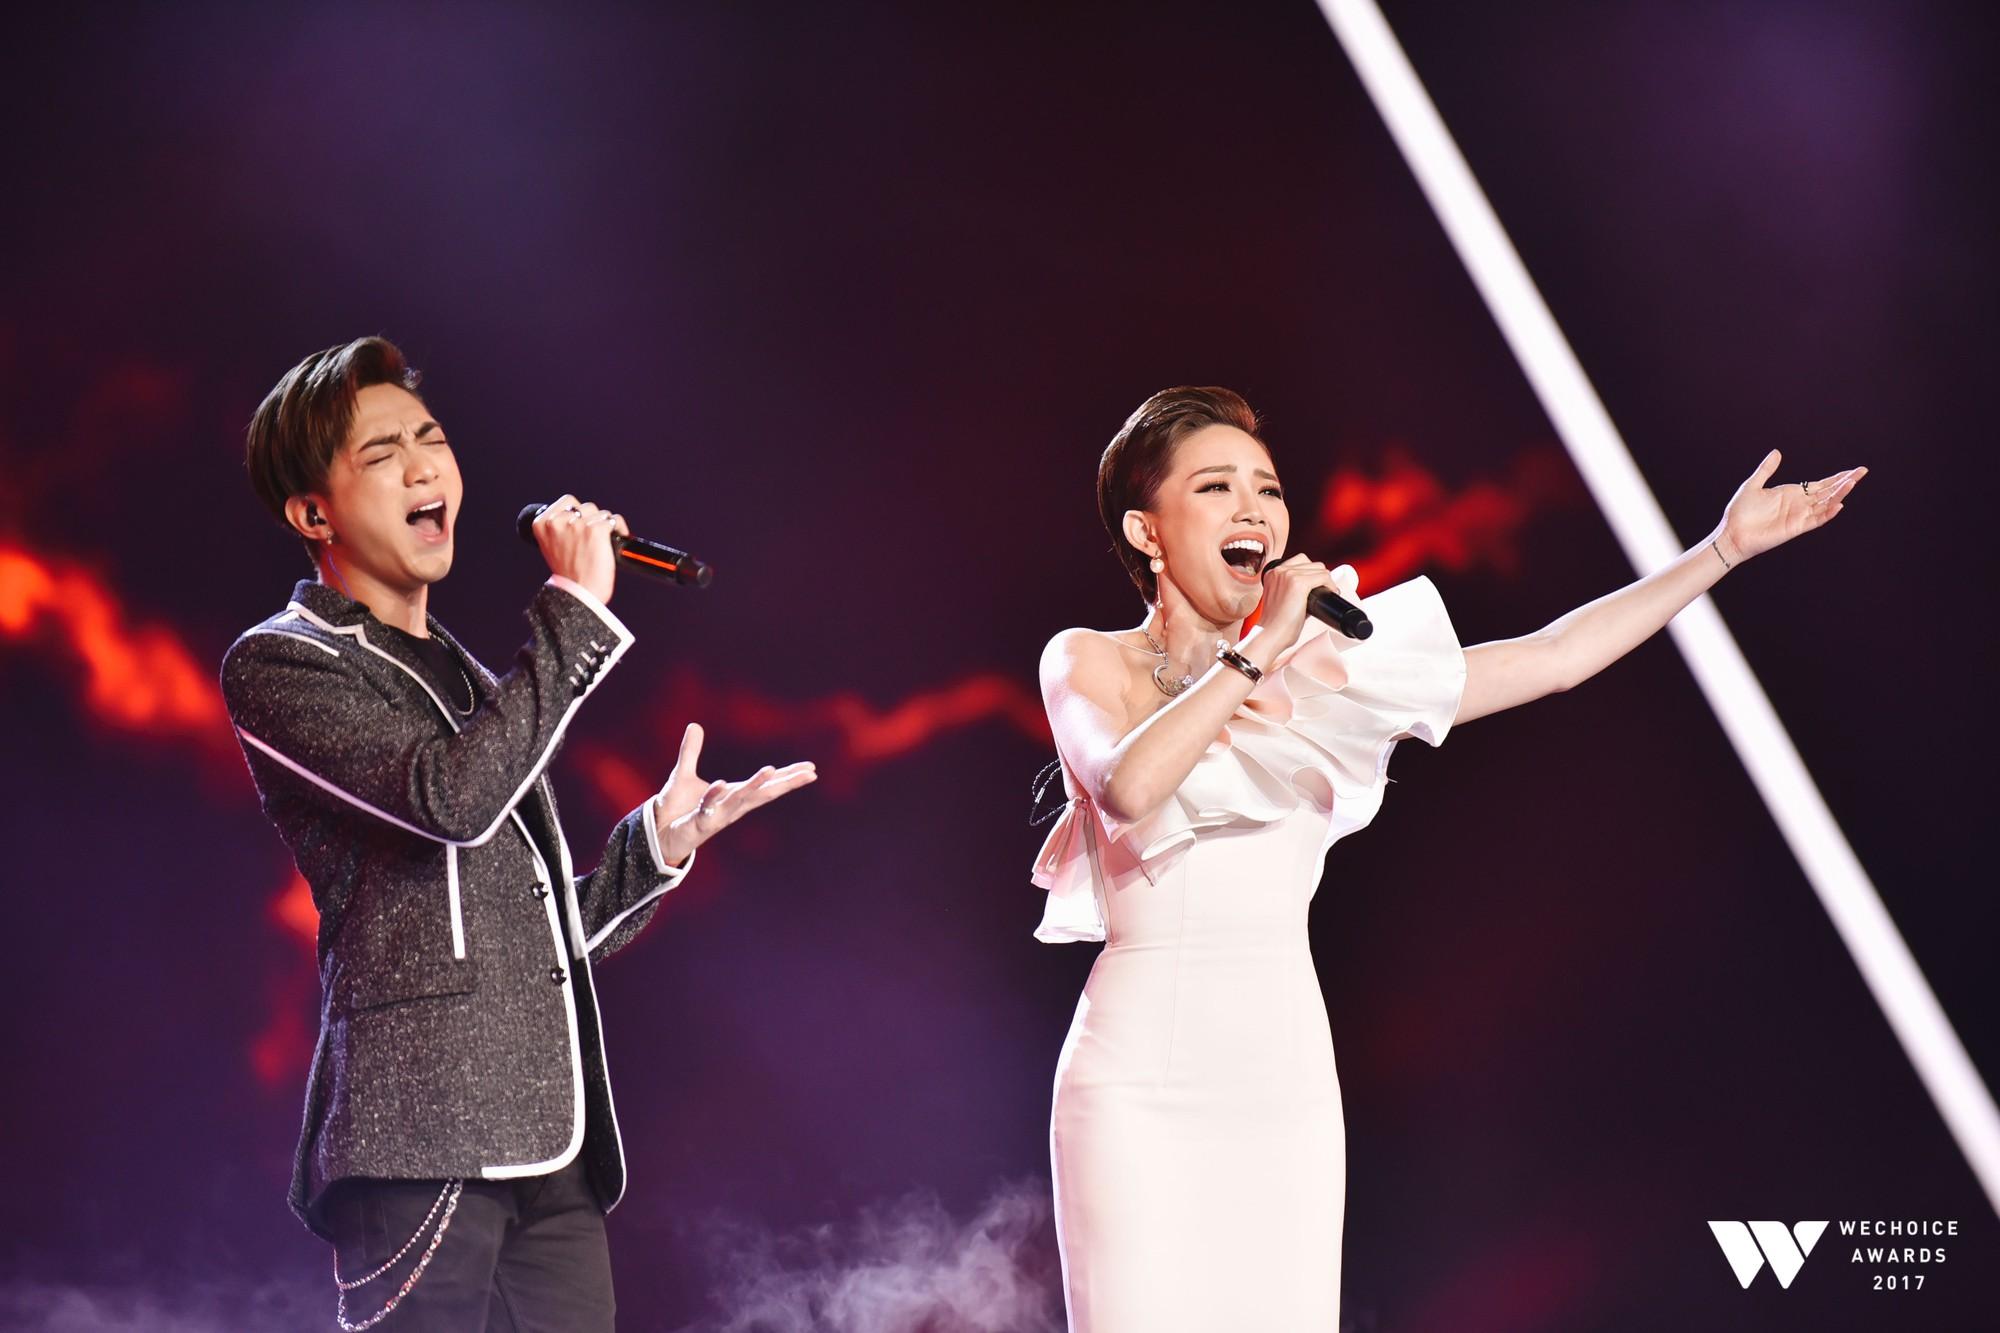 Khoảnh khắc WeChoice Awards: Đẹp nhất là khi Sơn Tùng, bé Bôm và các nghệ sĩ Việt cùng chậm lại trong dòng cảm xúc vỡ òa - Ảnh 14.